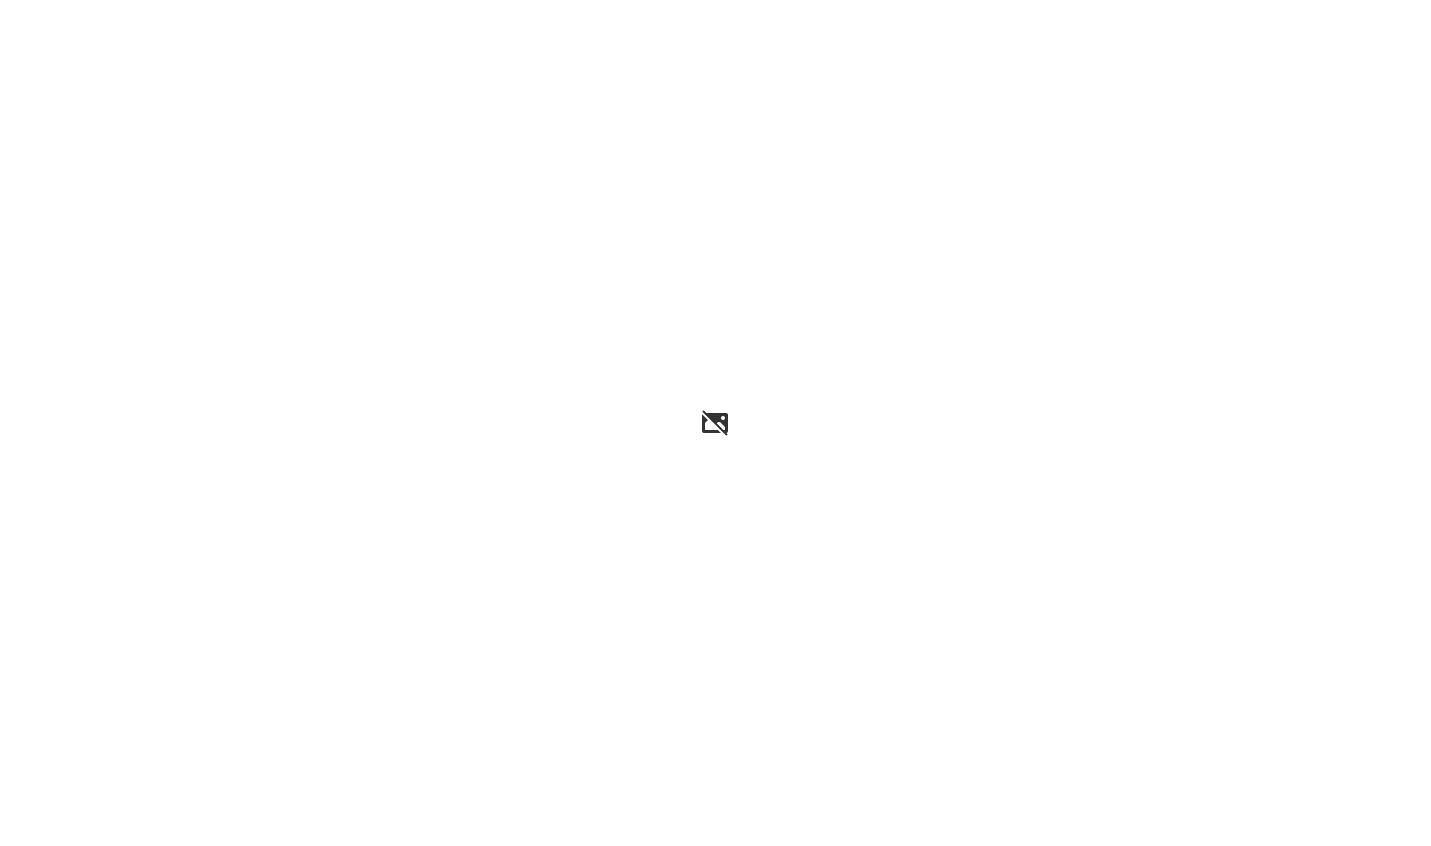 koreanbuilds